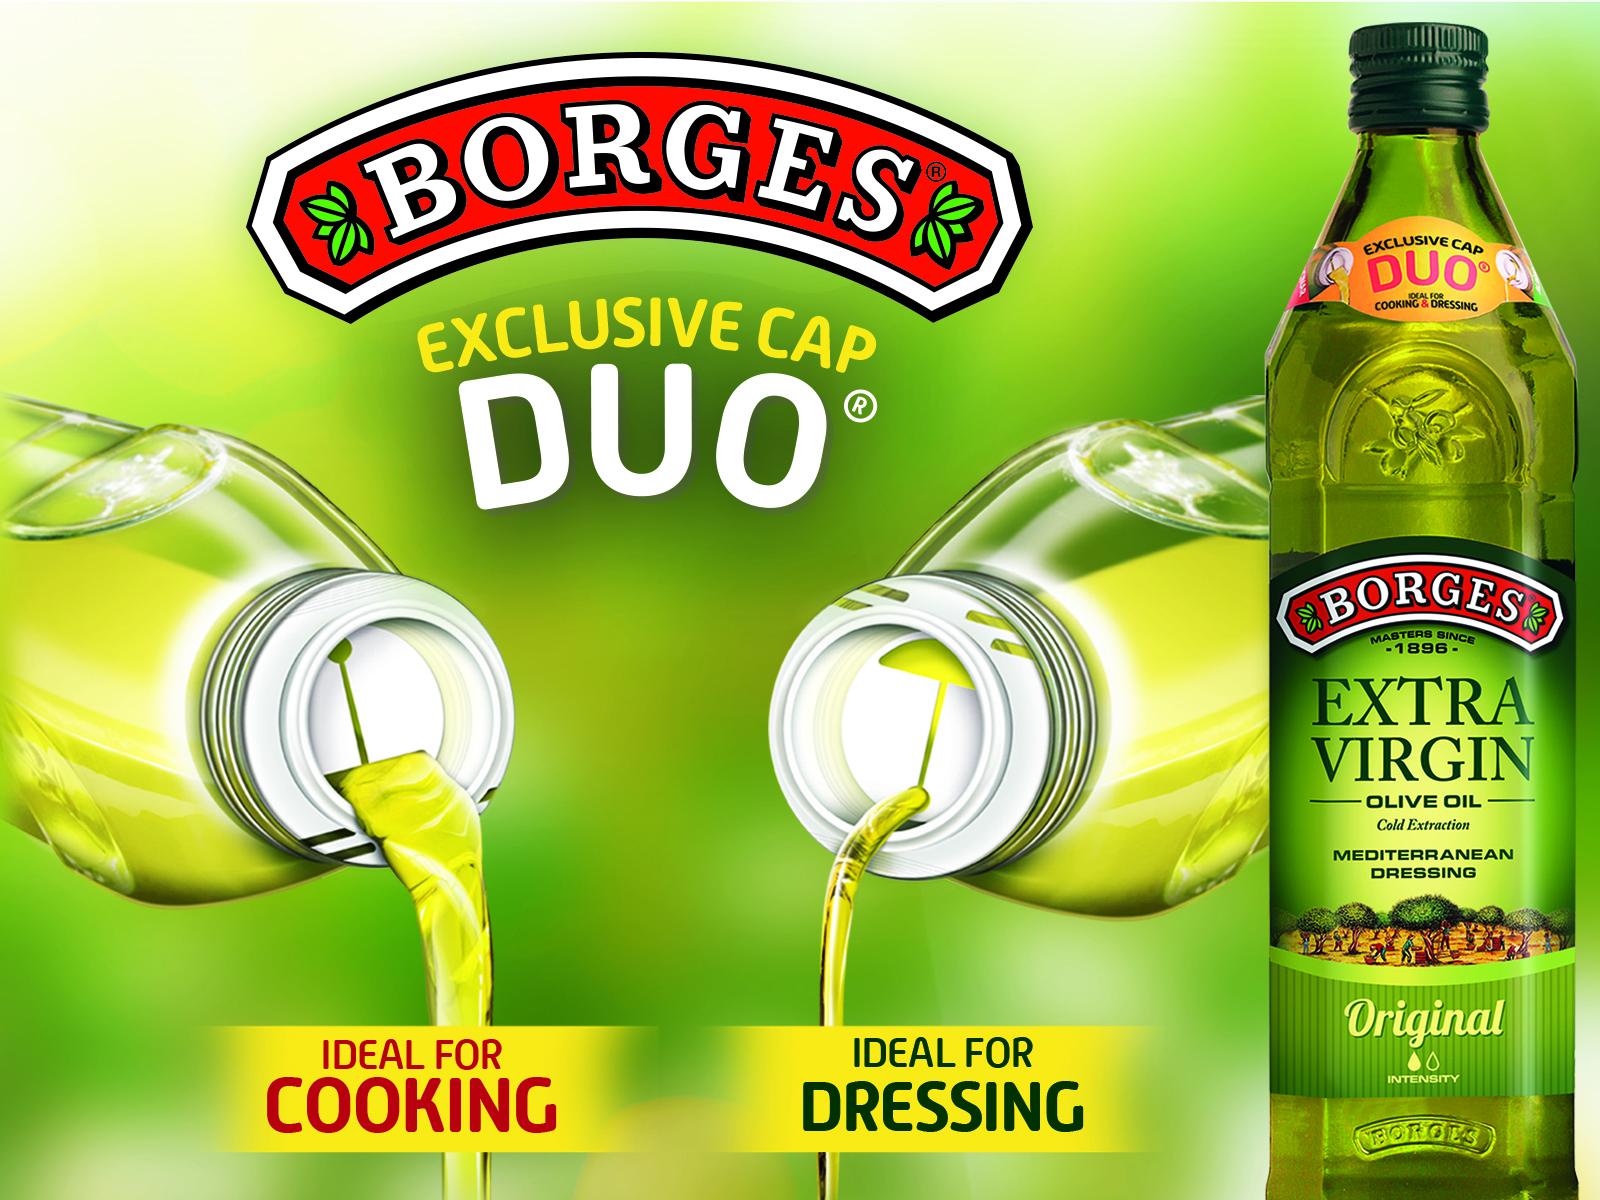 Borges-duo-cap-oil-text